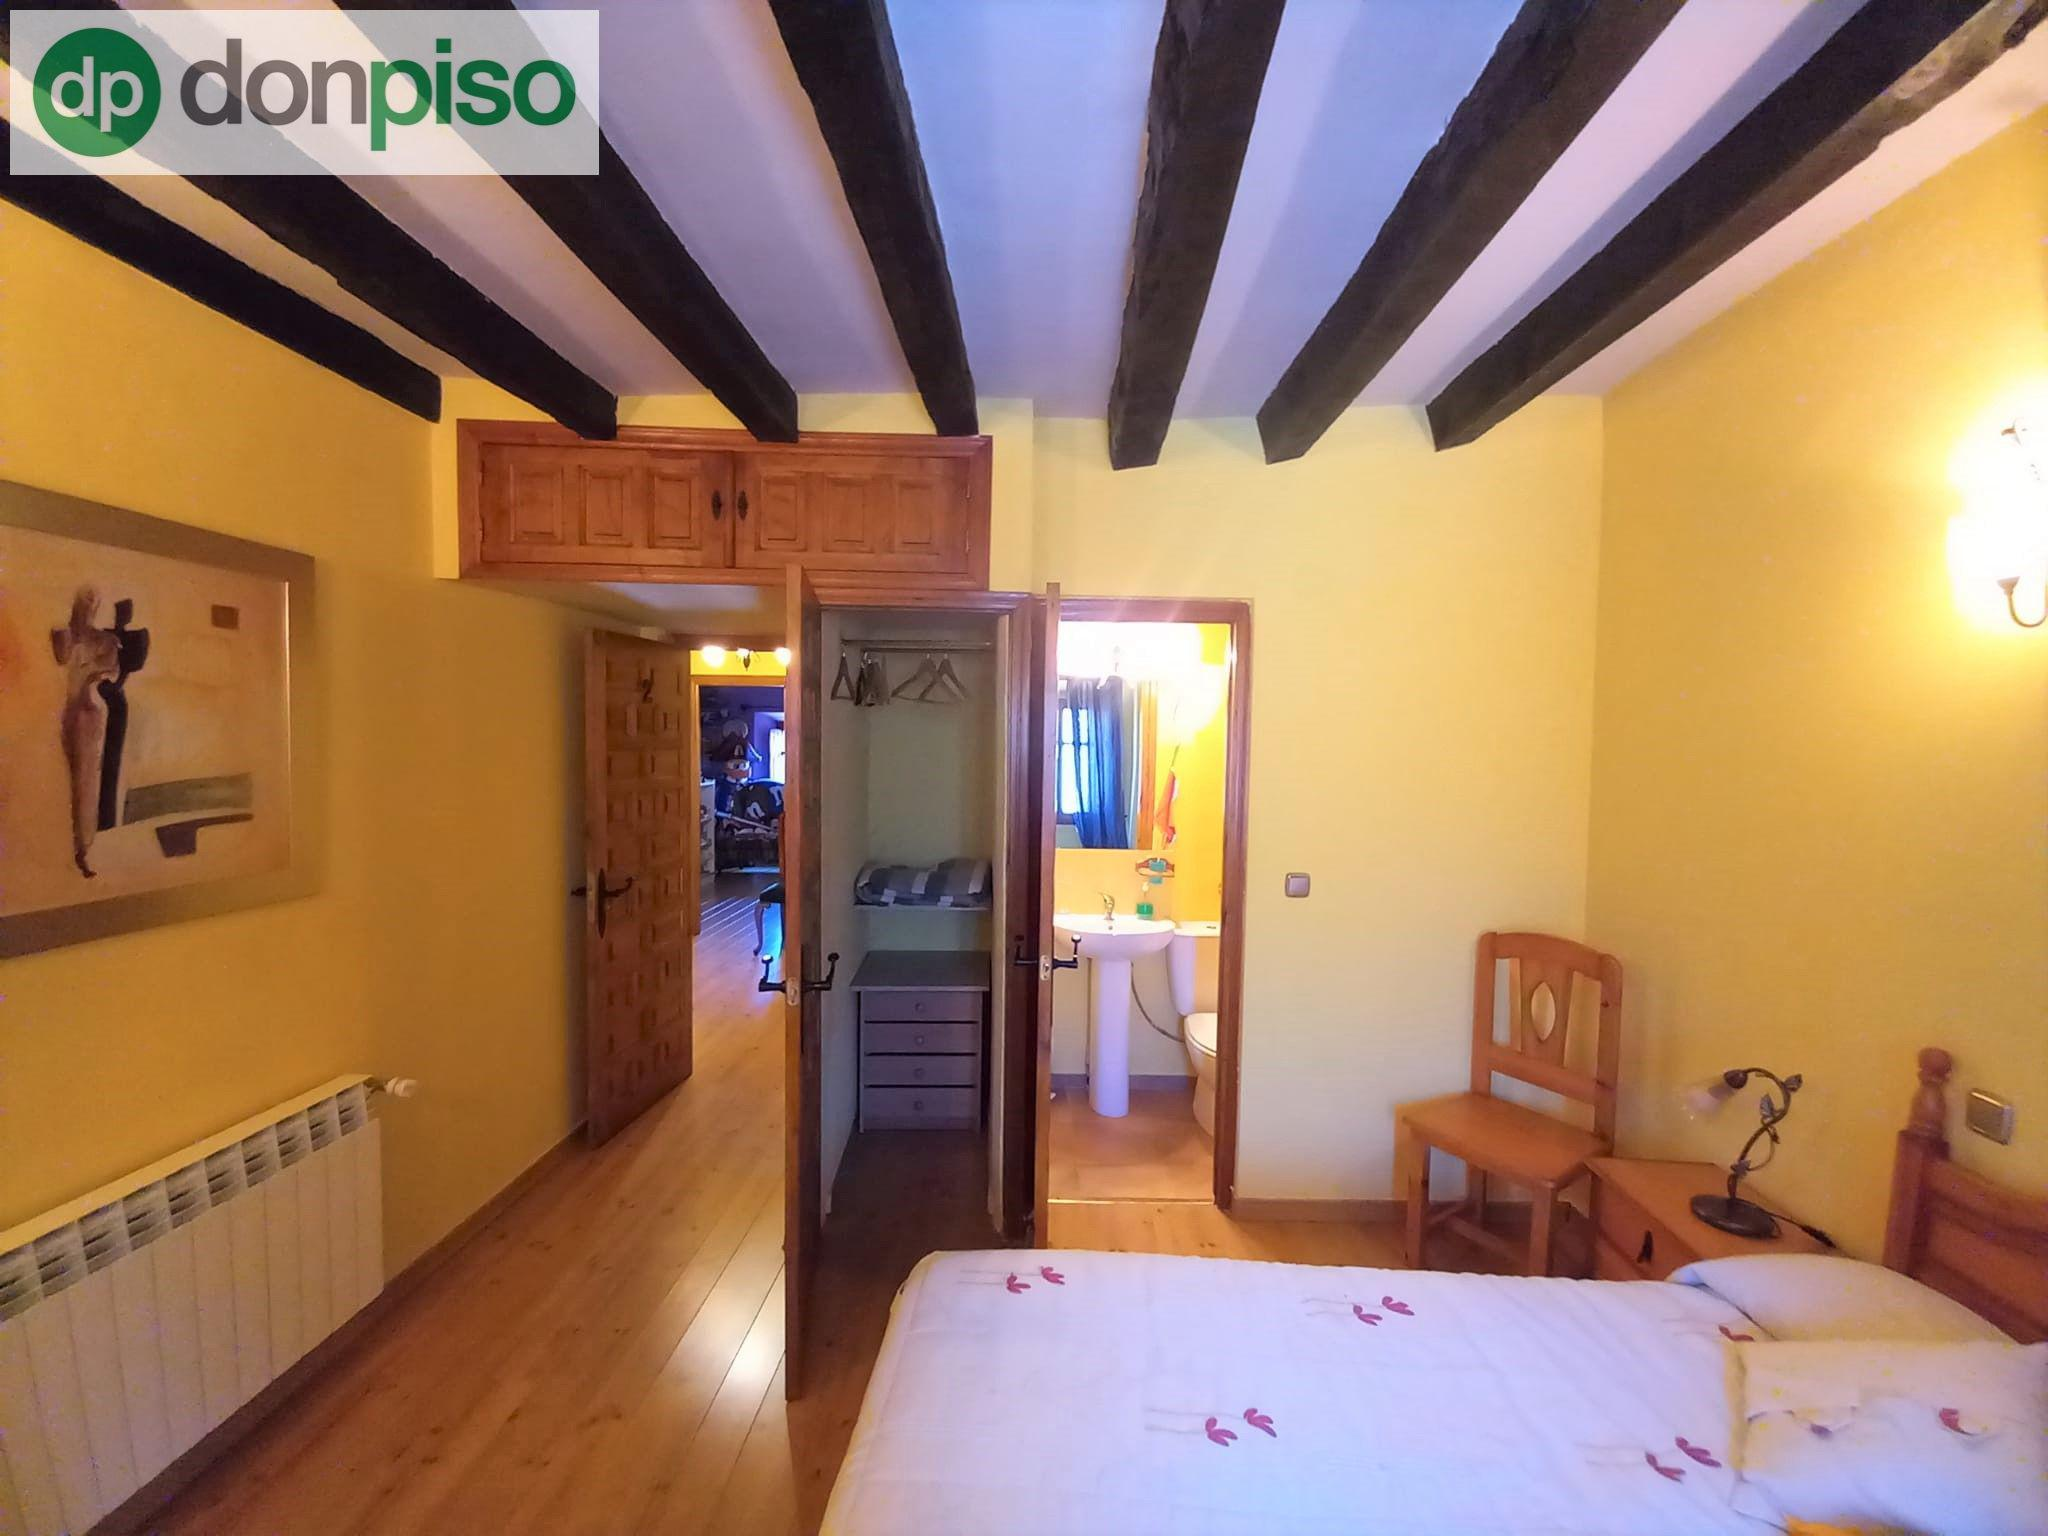 Imagen 3 Casa Adosada en venta en Quintanillas Las / A pocos minutos de la ciudad de Burgos